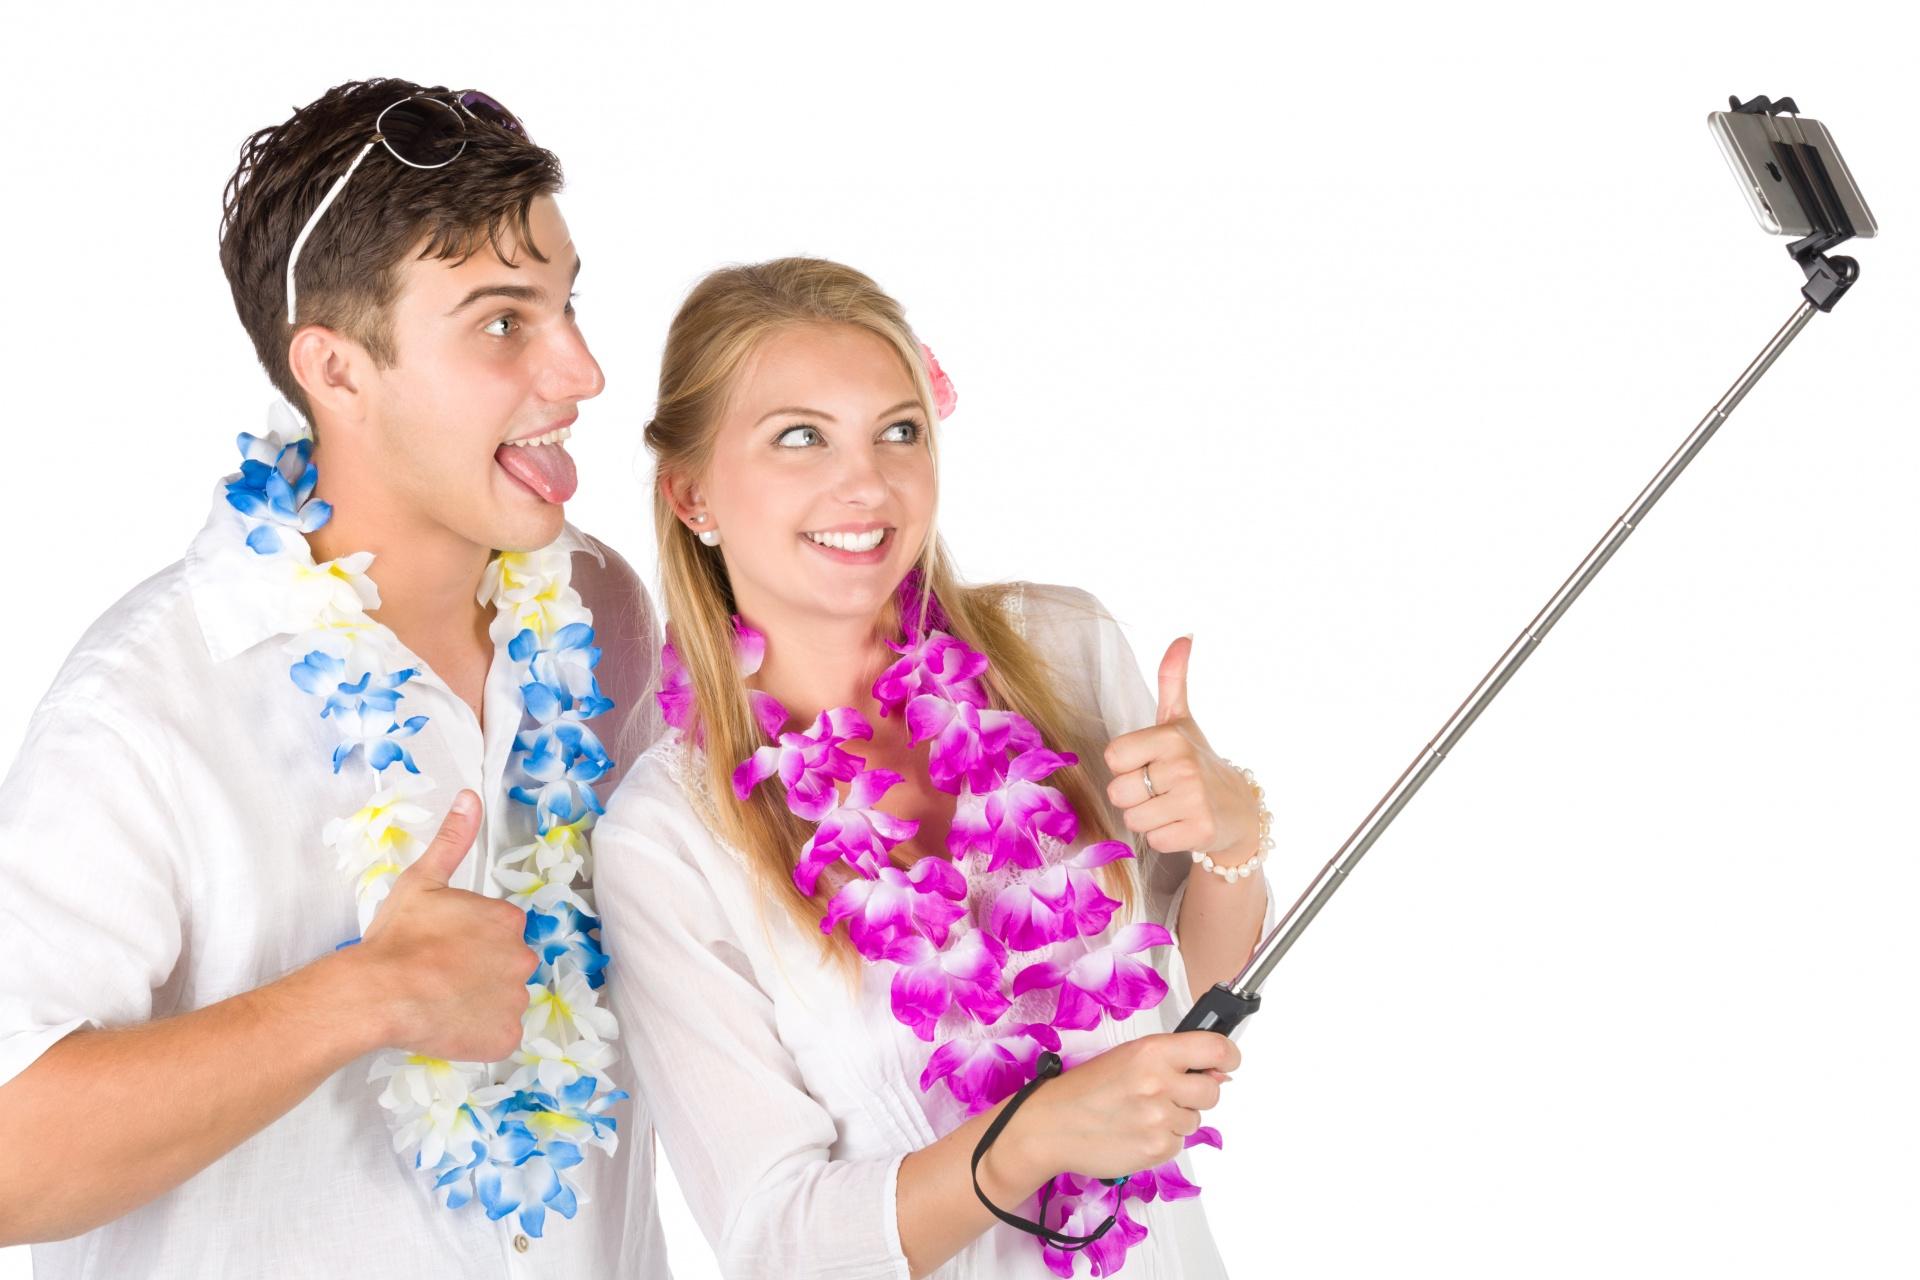 Comment Organiser Un Party D Ado 15 jeux hilarants à faire dans vos party de famille - wooloo